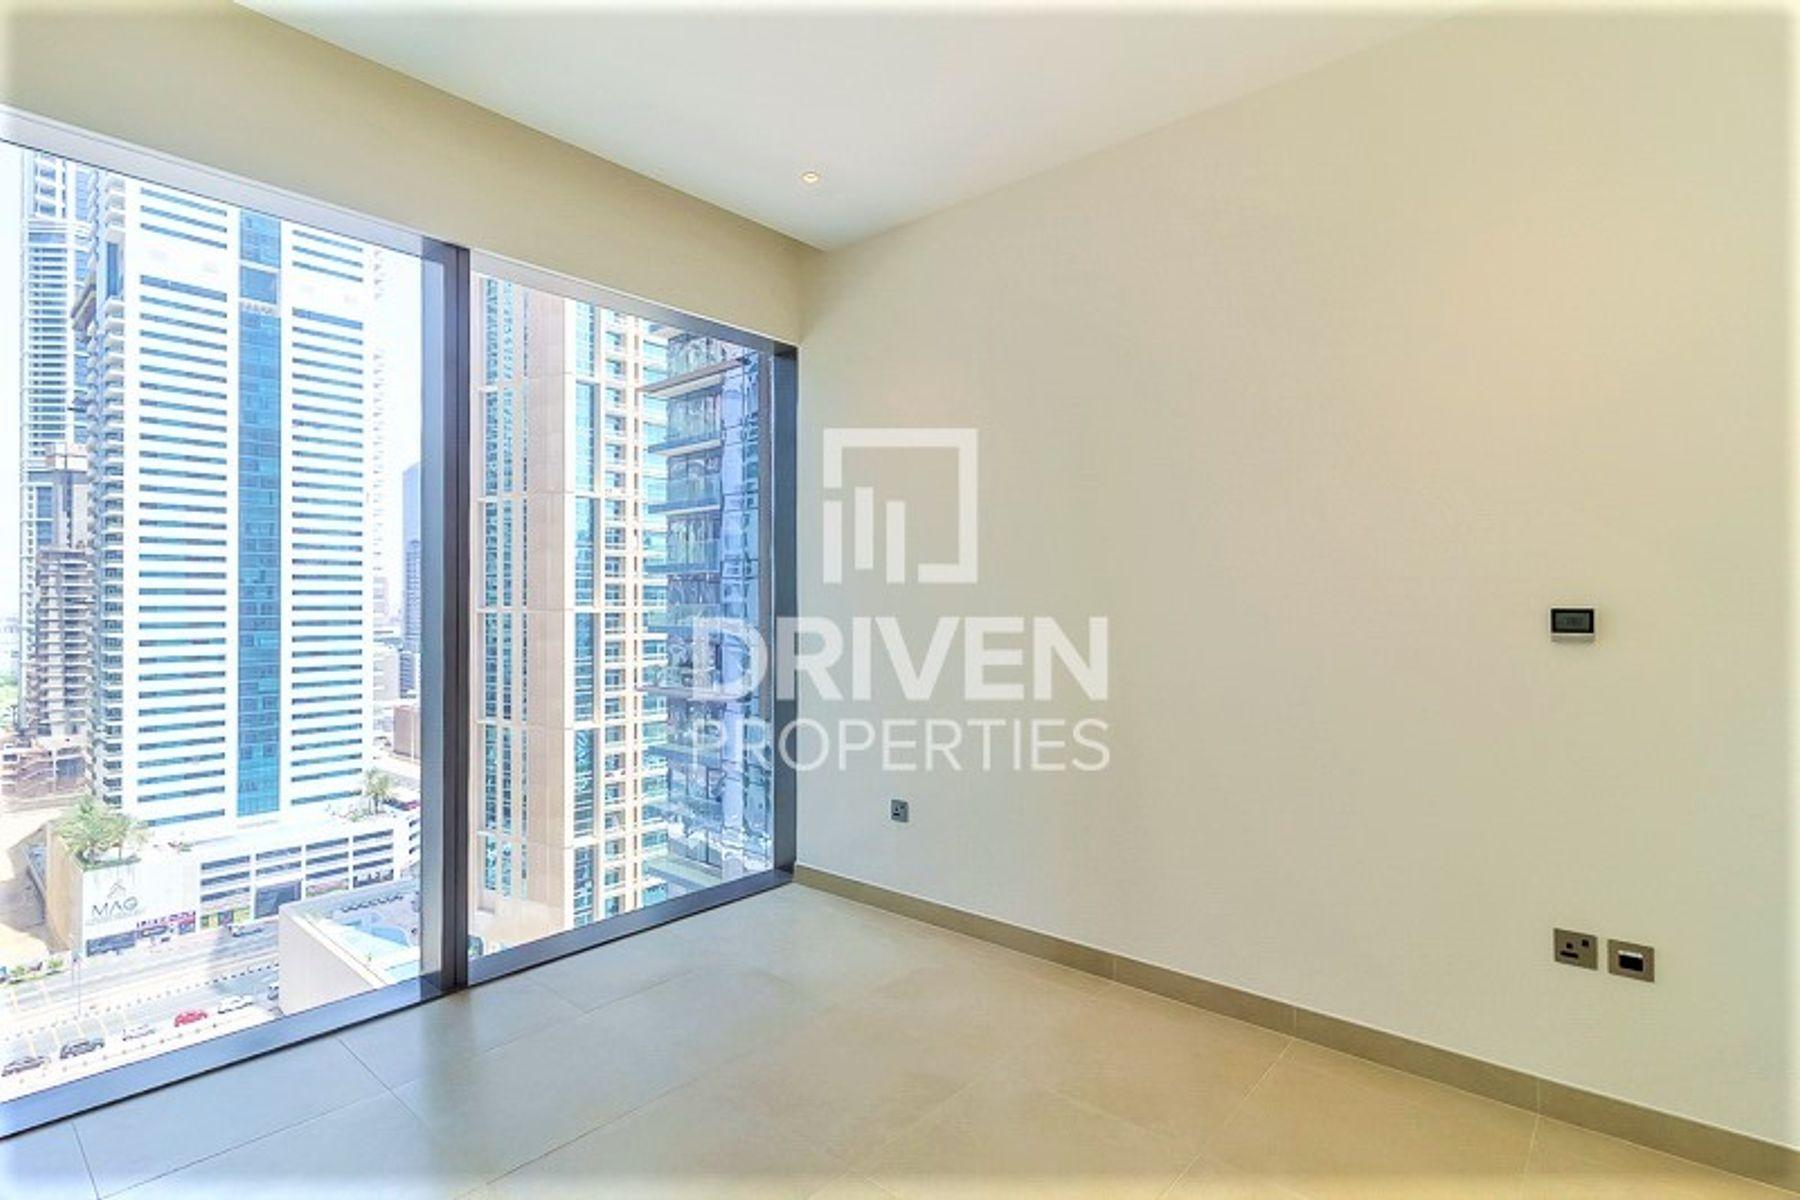 Apartment for Sale in Marina Gate 2 - Dubai Marina